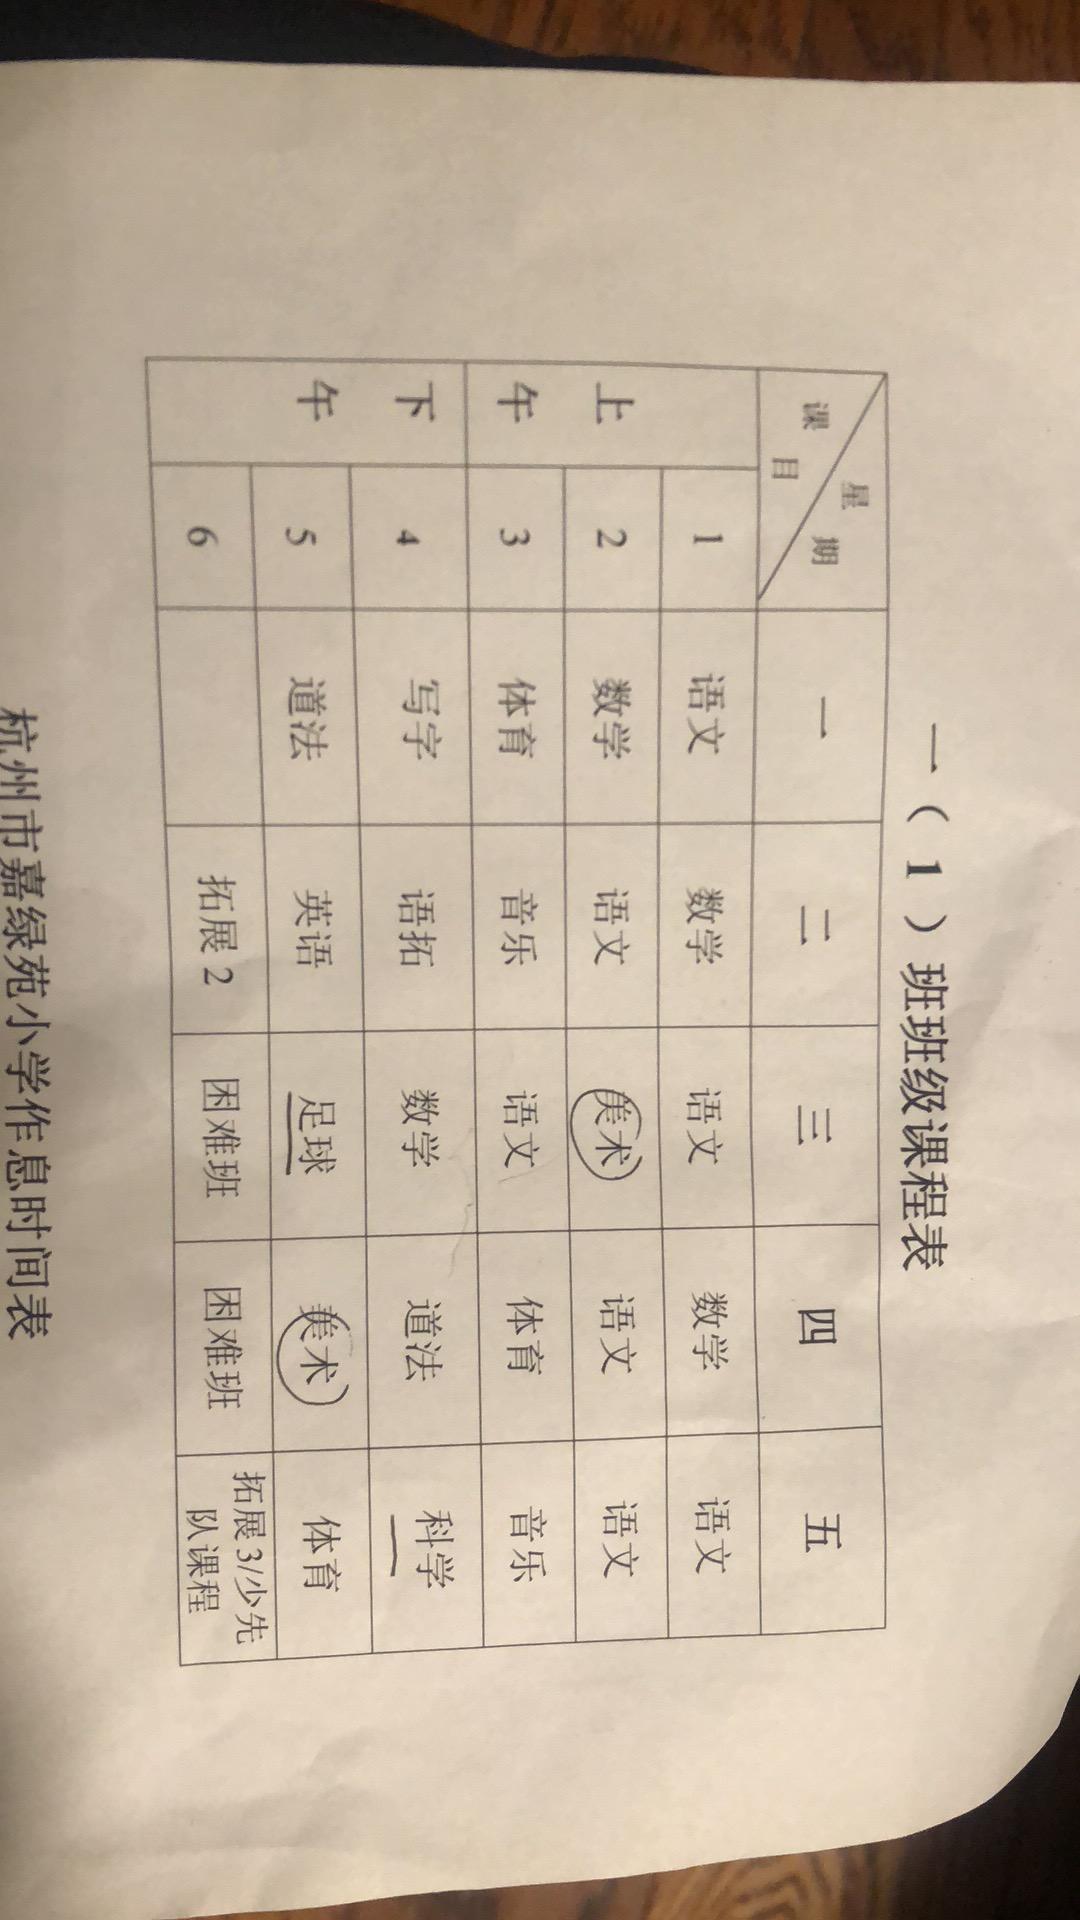 18嘉绿苑本部.jpg